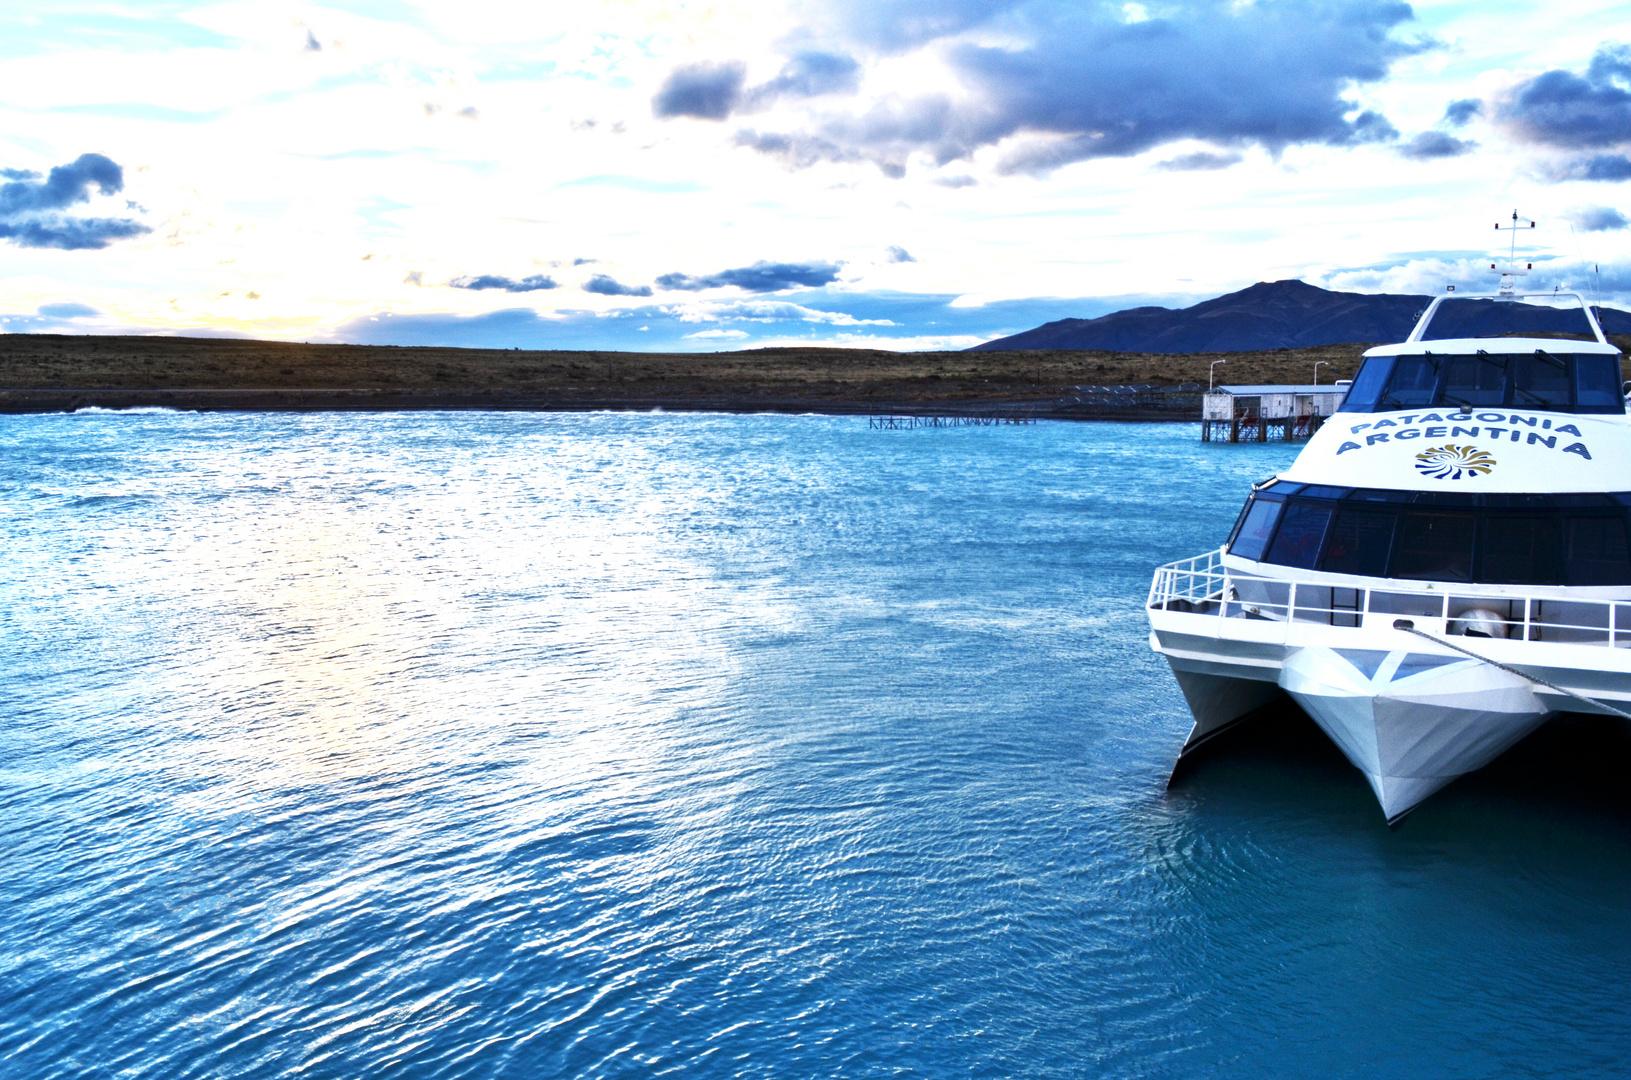 patagonian blue